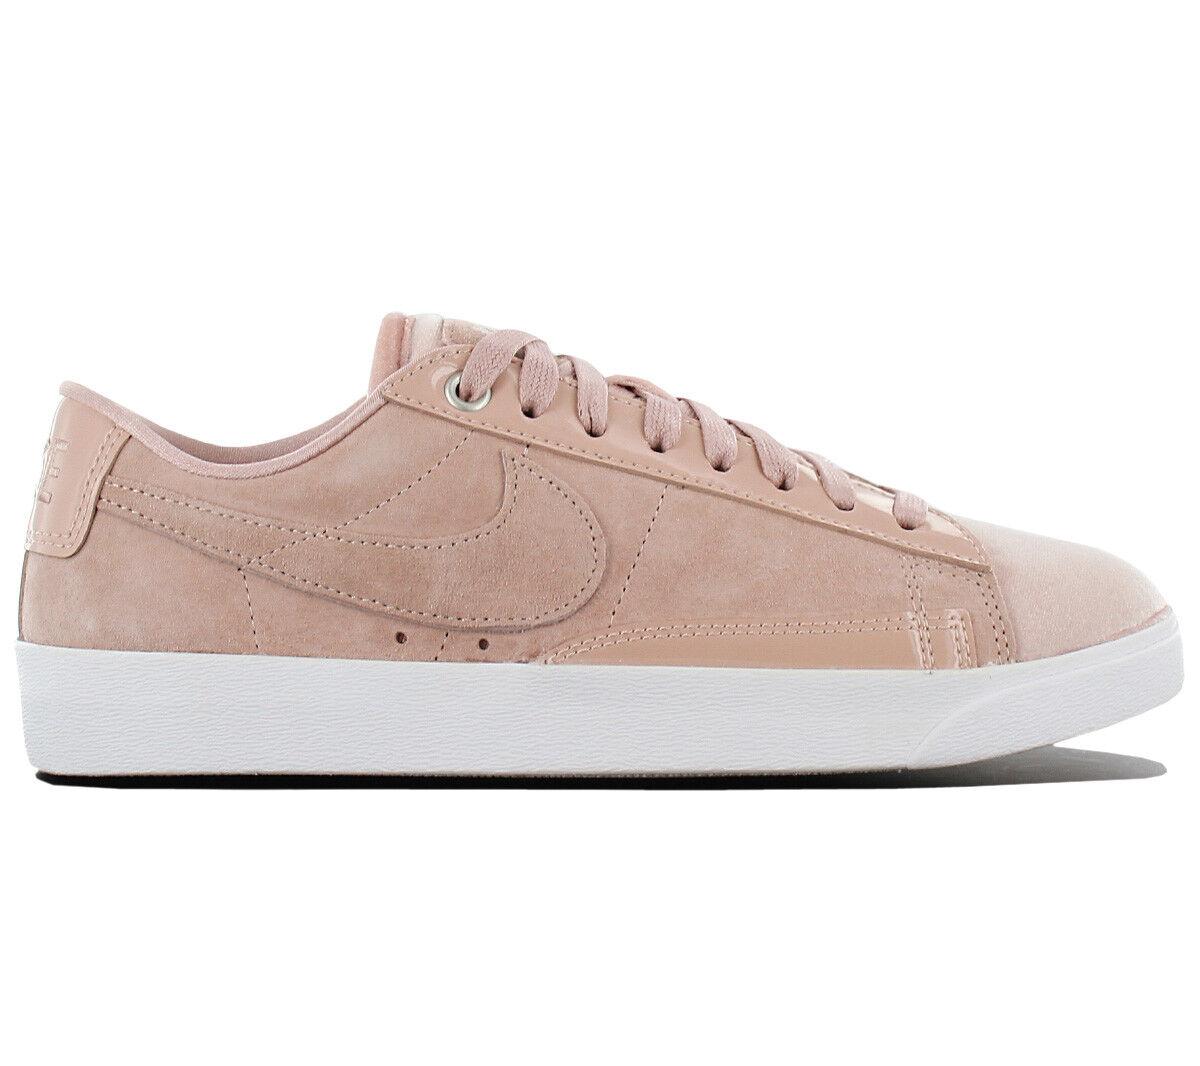 Nike Blazer Low LX Sneaker Women's Women's Women's shoes Leather Sneakers Leisure Aa2017-604 New aa2b88